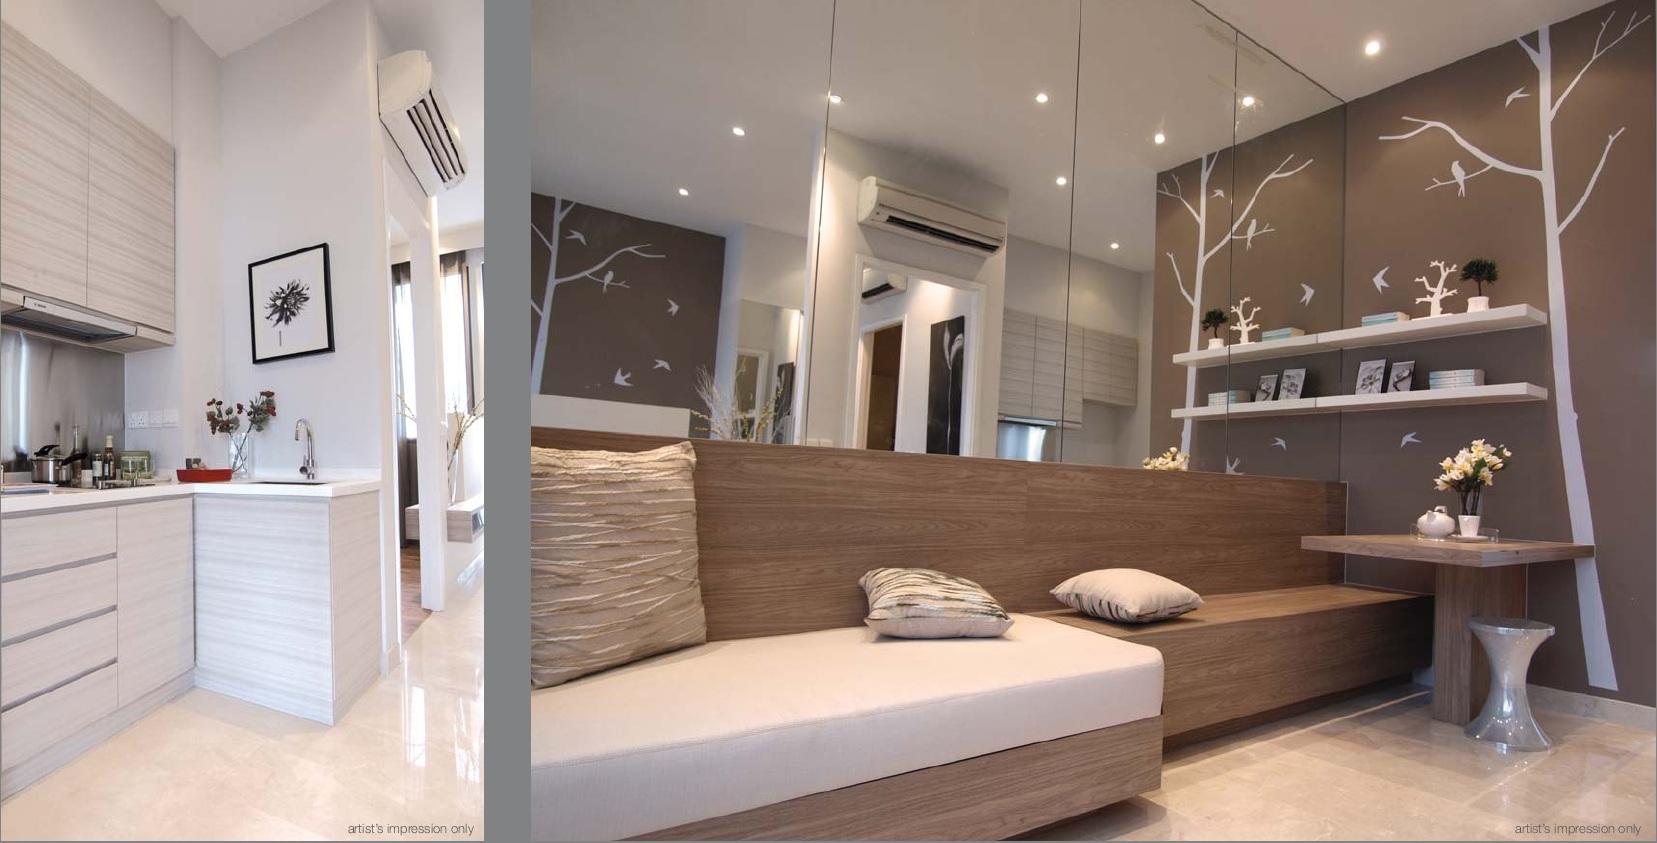 Laverne's Loft Living lavernes loft Lavernes Loft Singapore | Showflat Hotline +65 61007122 lavernes loft living